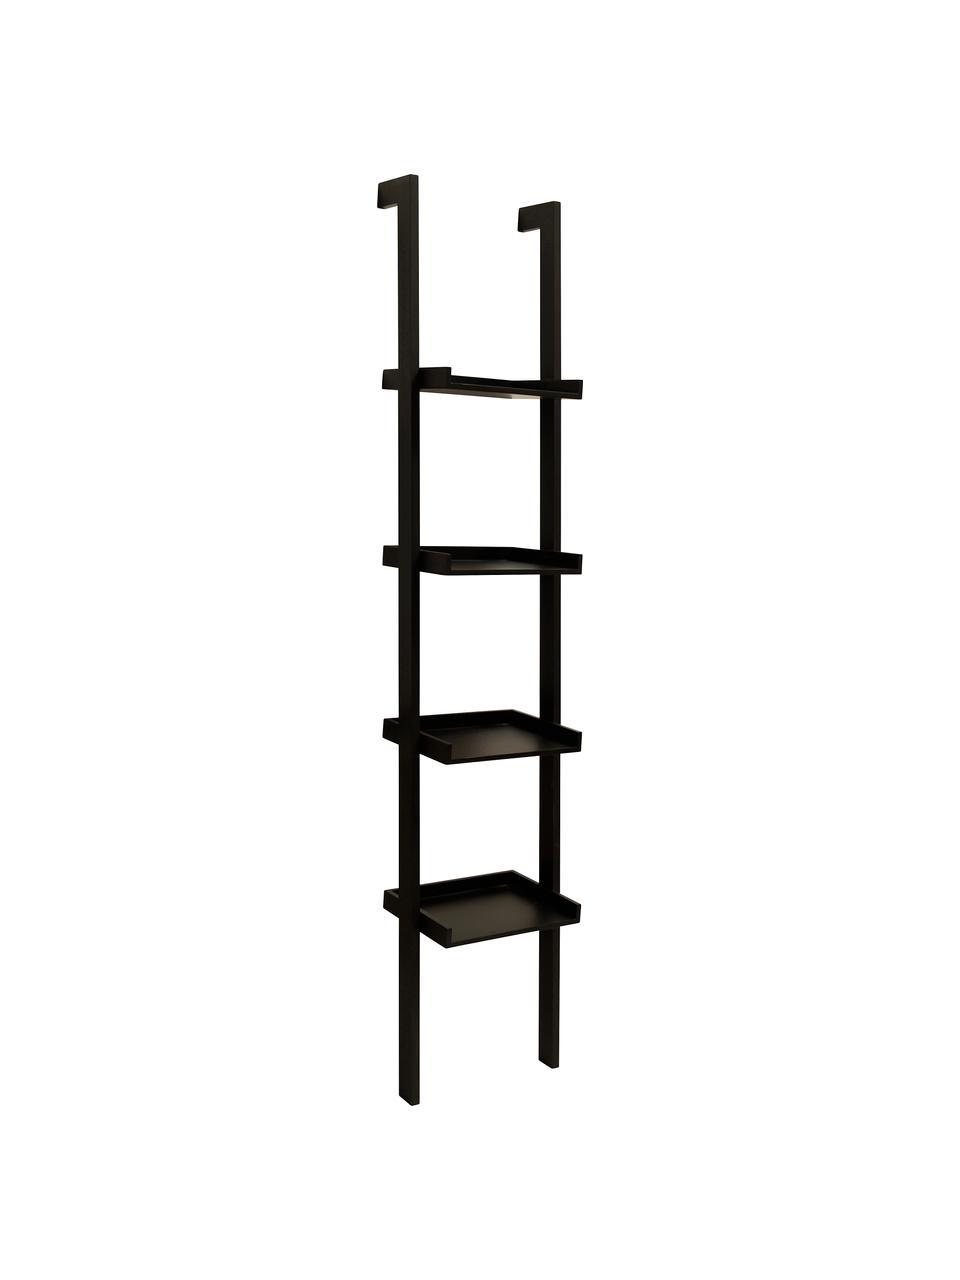 Libreria a scala nera Wall, Pannello di fibra a media densità (MDF) verniciato, Nero, Larg. 37 x Alt. 180 cm